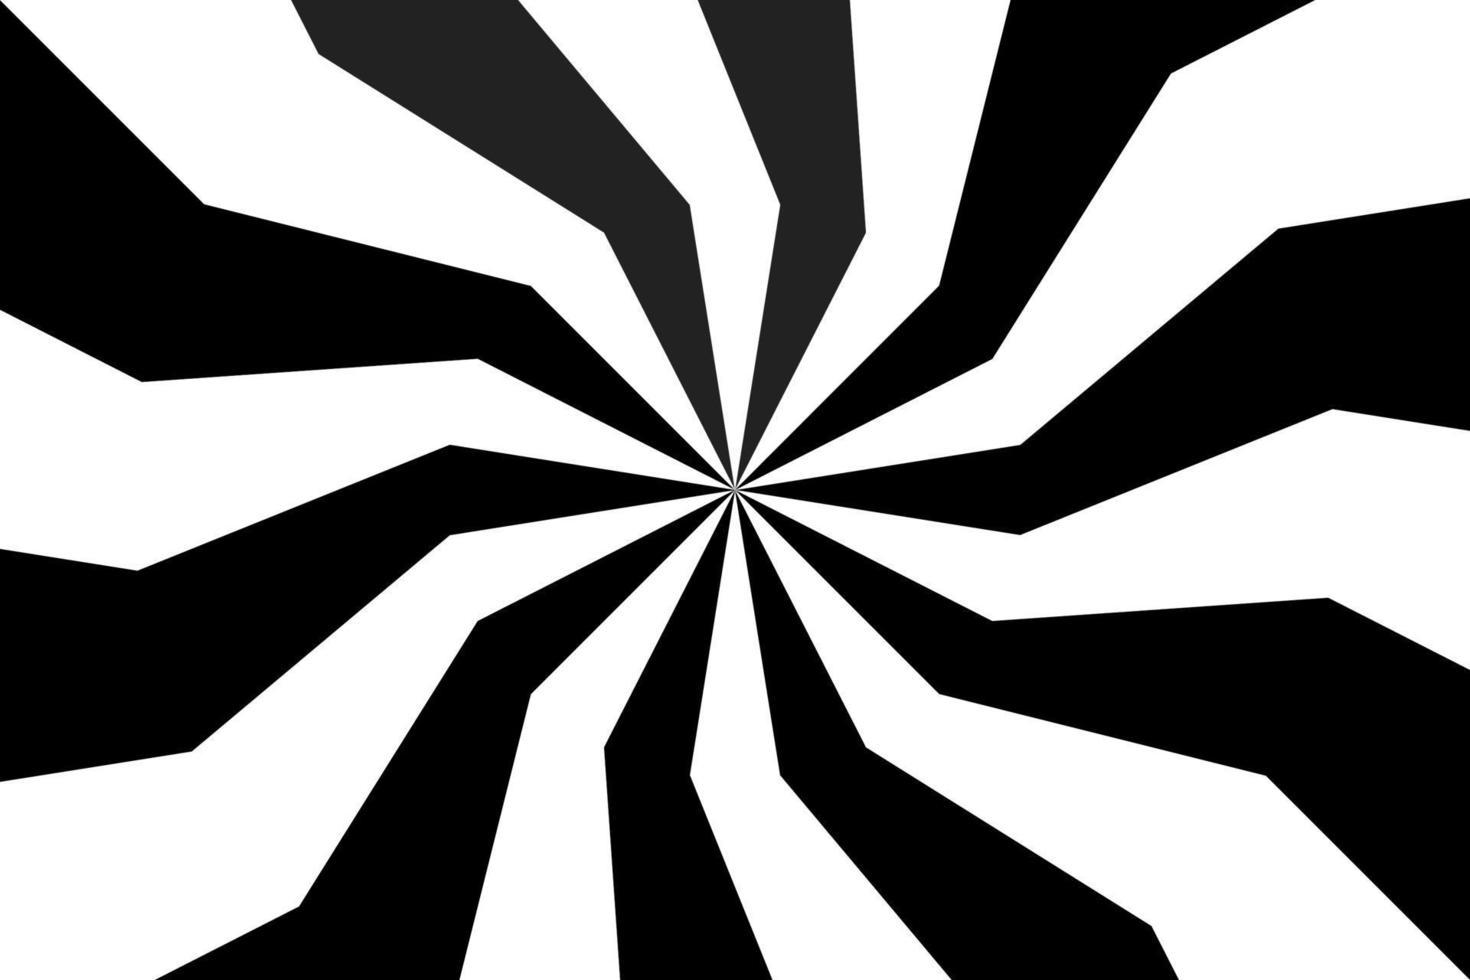 Schwarzweiss-Spiralhintergrund, wirbelndes radiales Muster, abstrakte Vektorillustration vektor